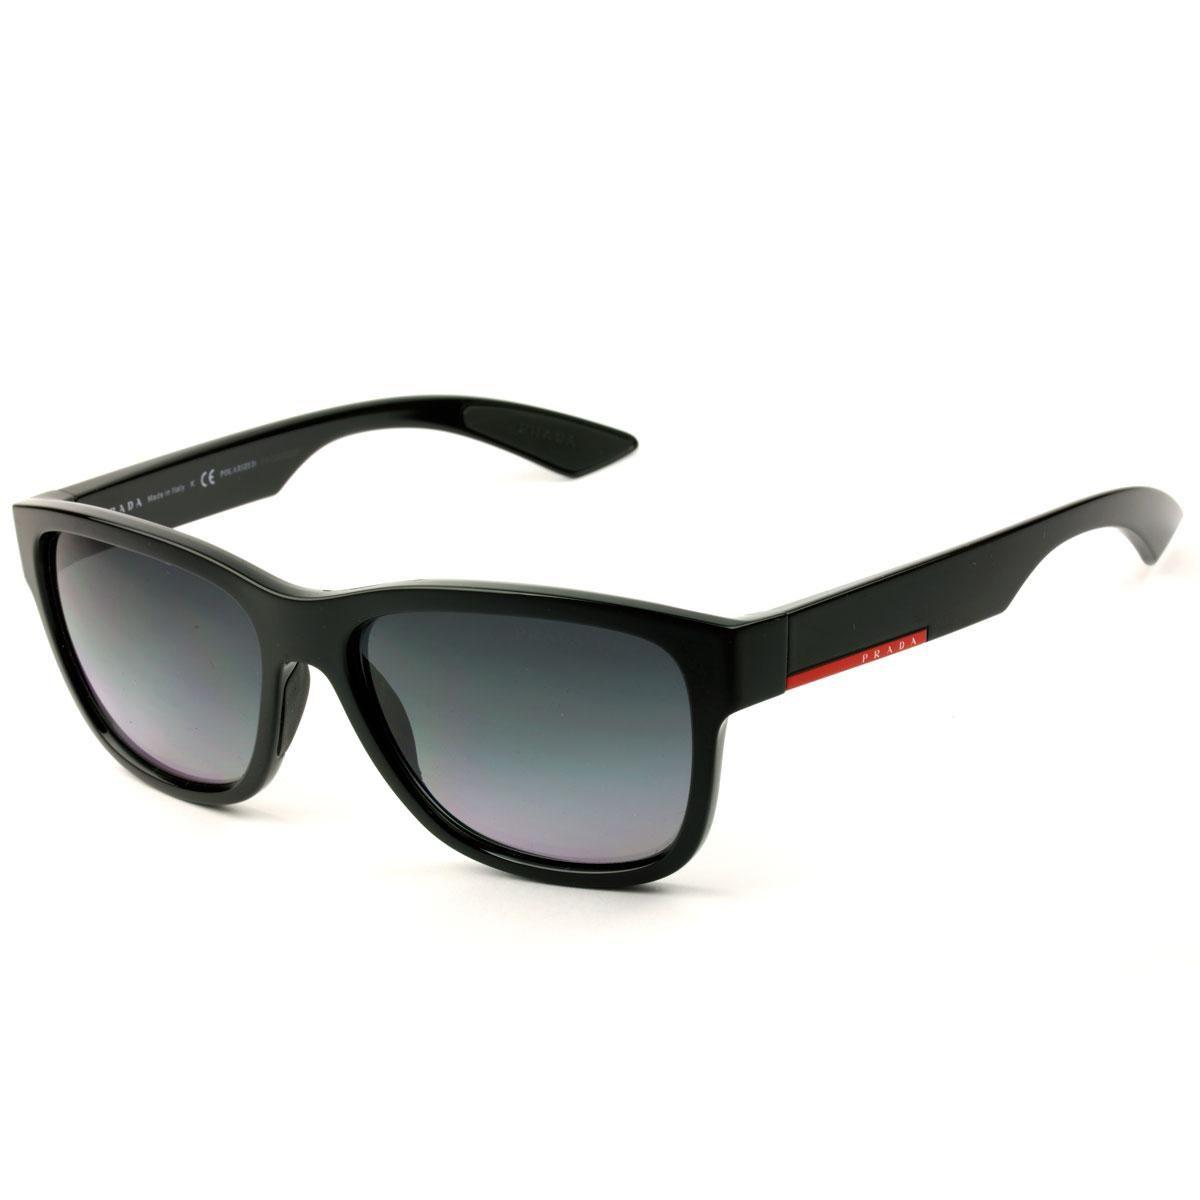 0caf5f47e Óculos de Sol Prada Masculino SPS03Q 1AB-5W1 - Omega Ótica e Relojoaria